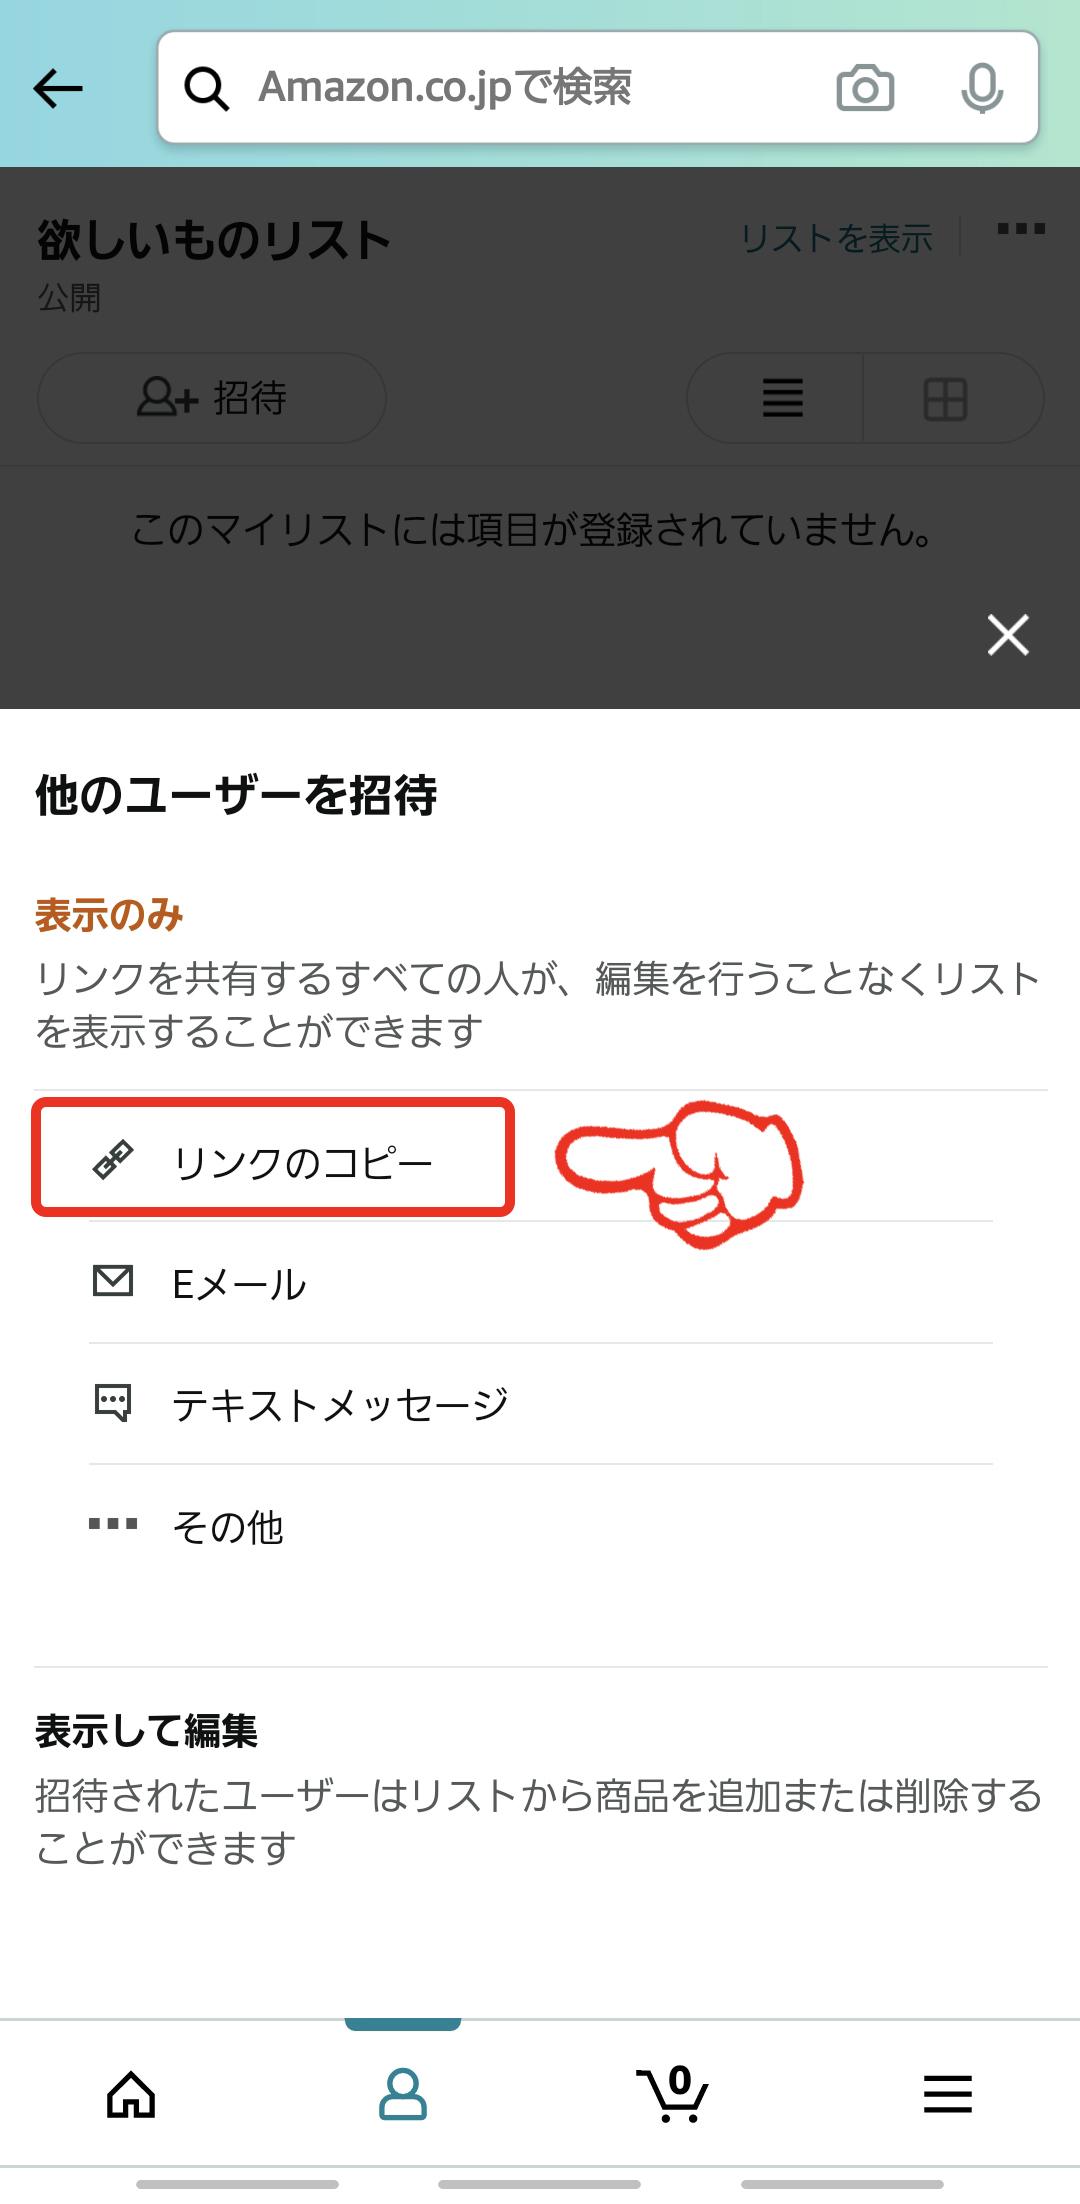 アマゾンアプリほしい物リスト作り方-14